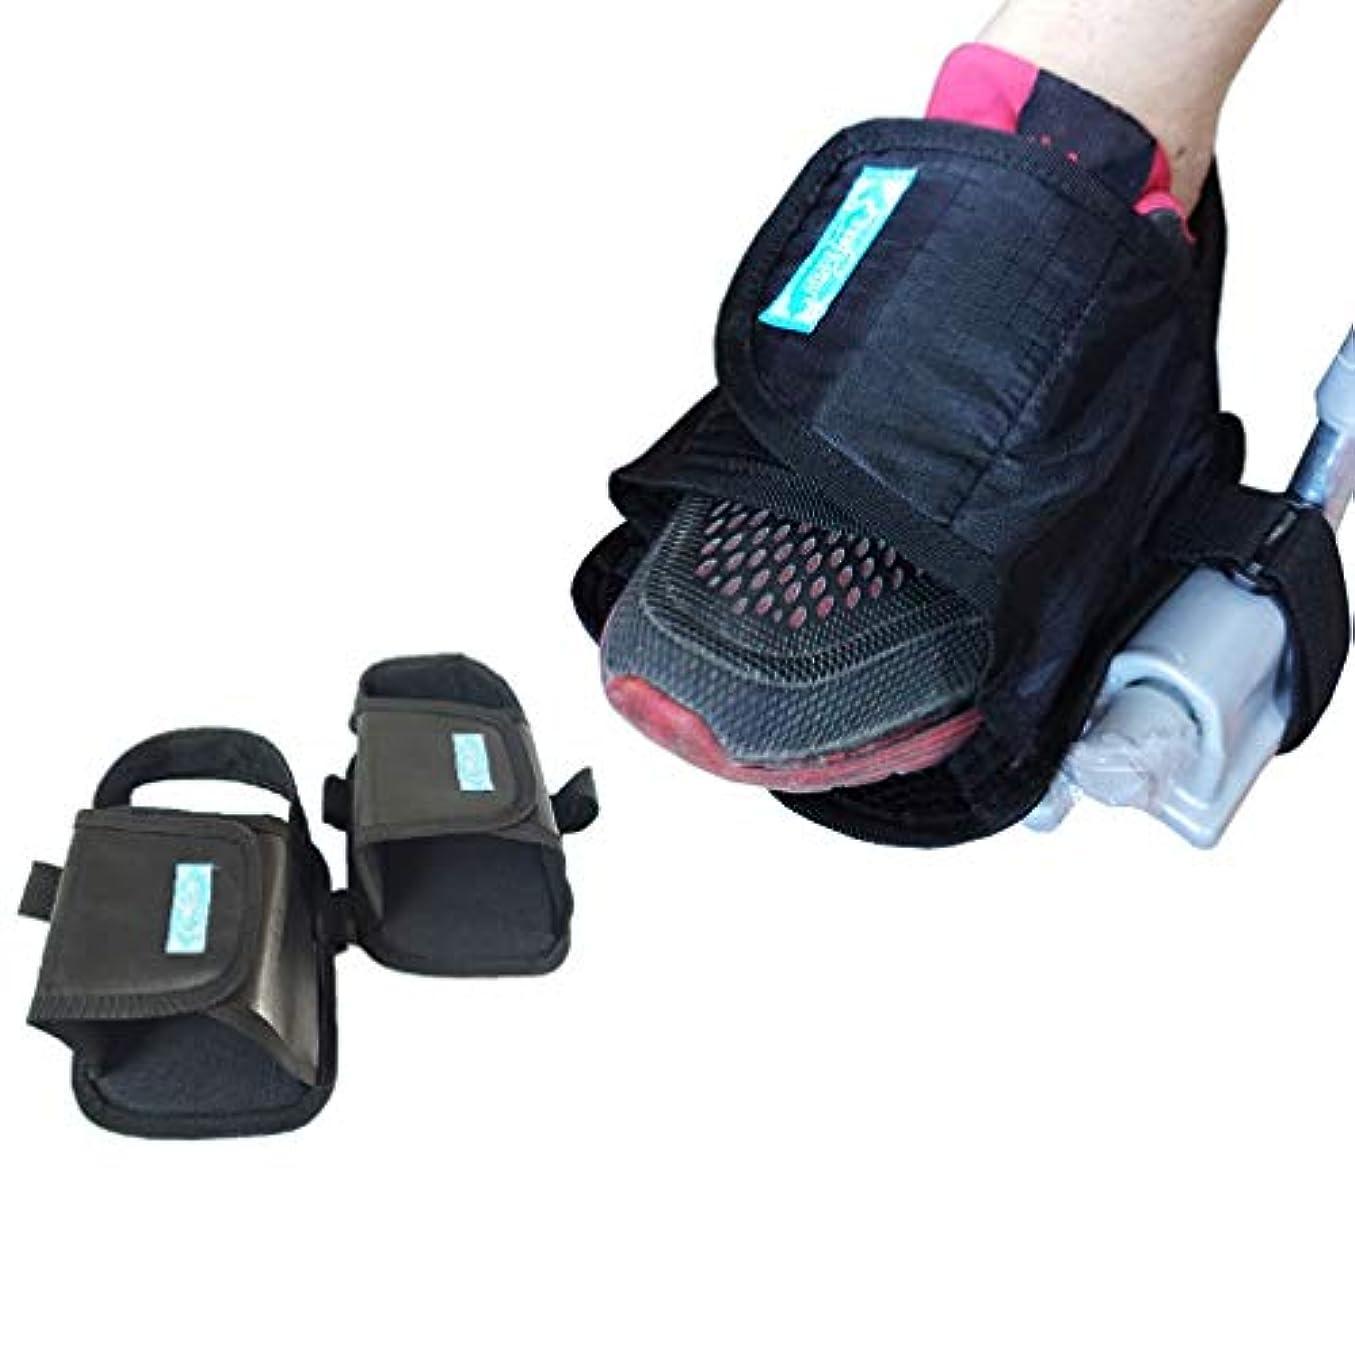 簿記係の頭の上配分滑り止め車いすの靴 - 車椅子靴ホルダーストラップ安全拘束靴 - (1ペア)高齢者の患者のための車いすペダルフット休符から滑り落ちるの足をキープ